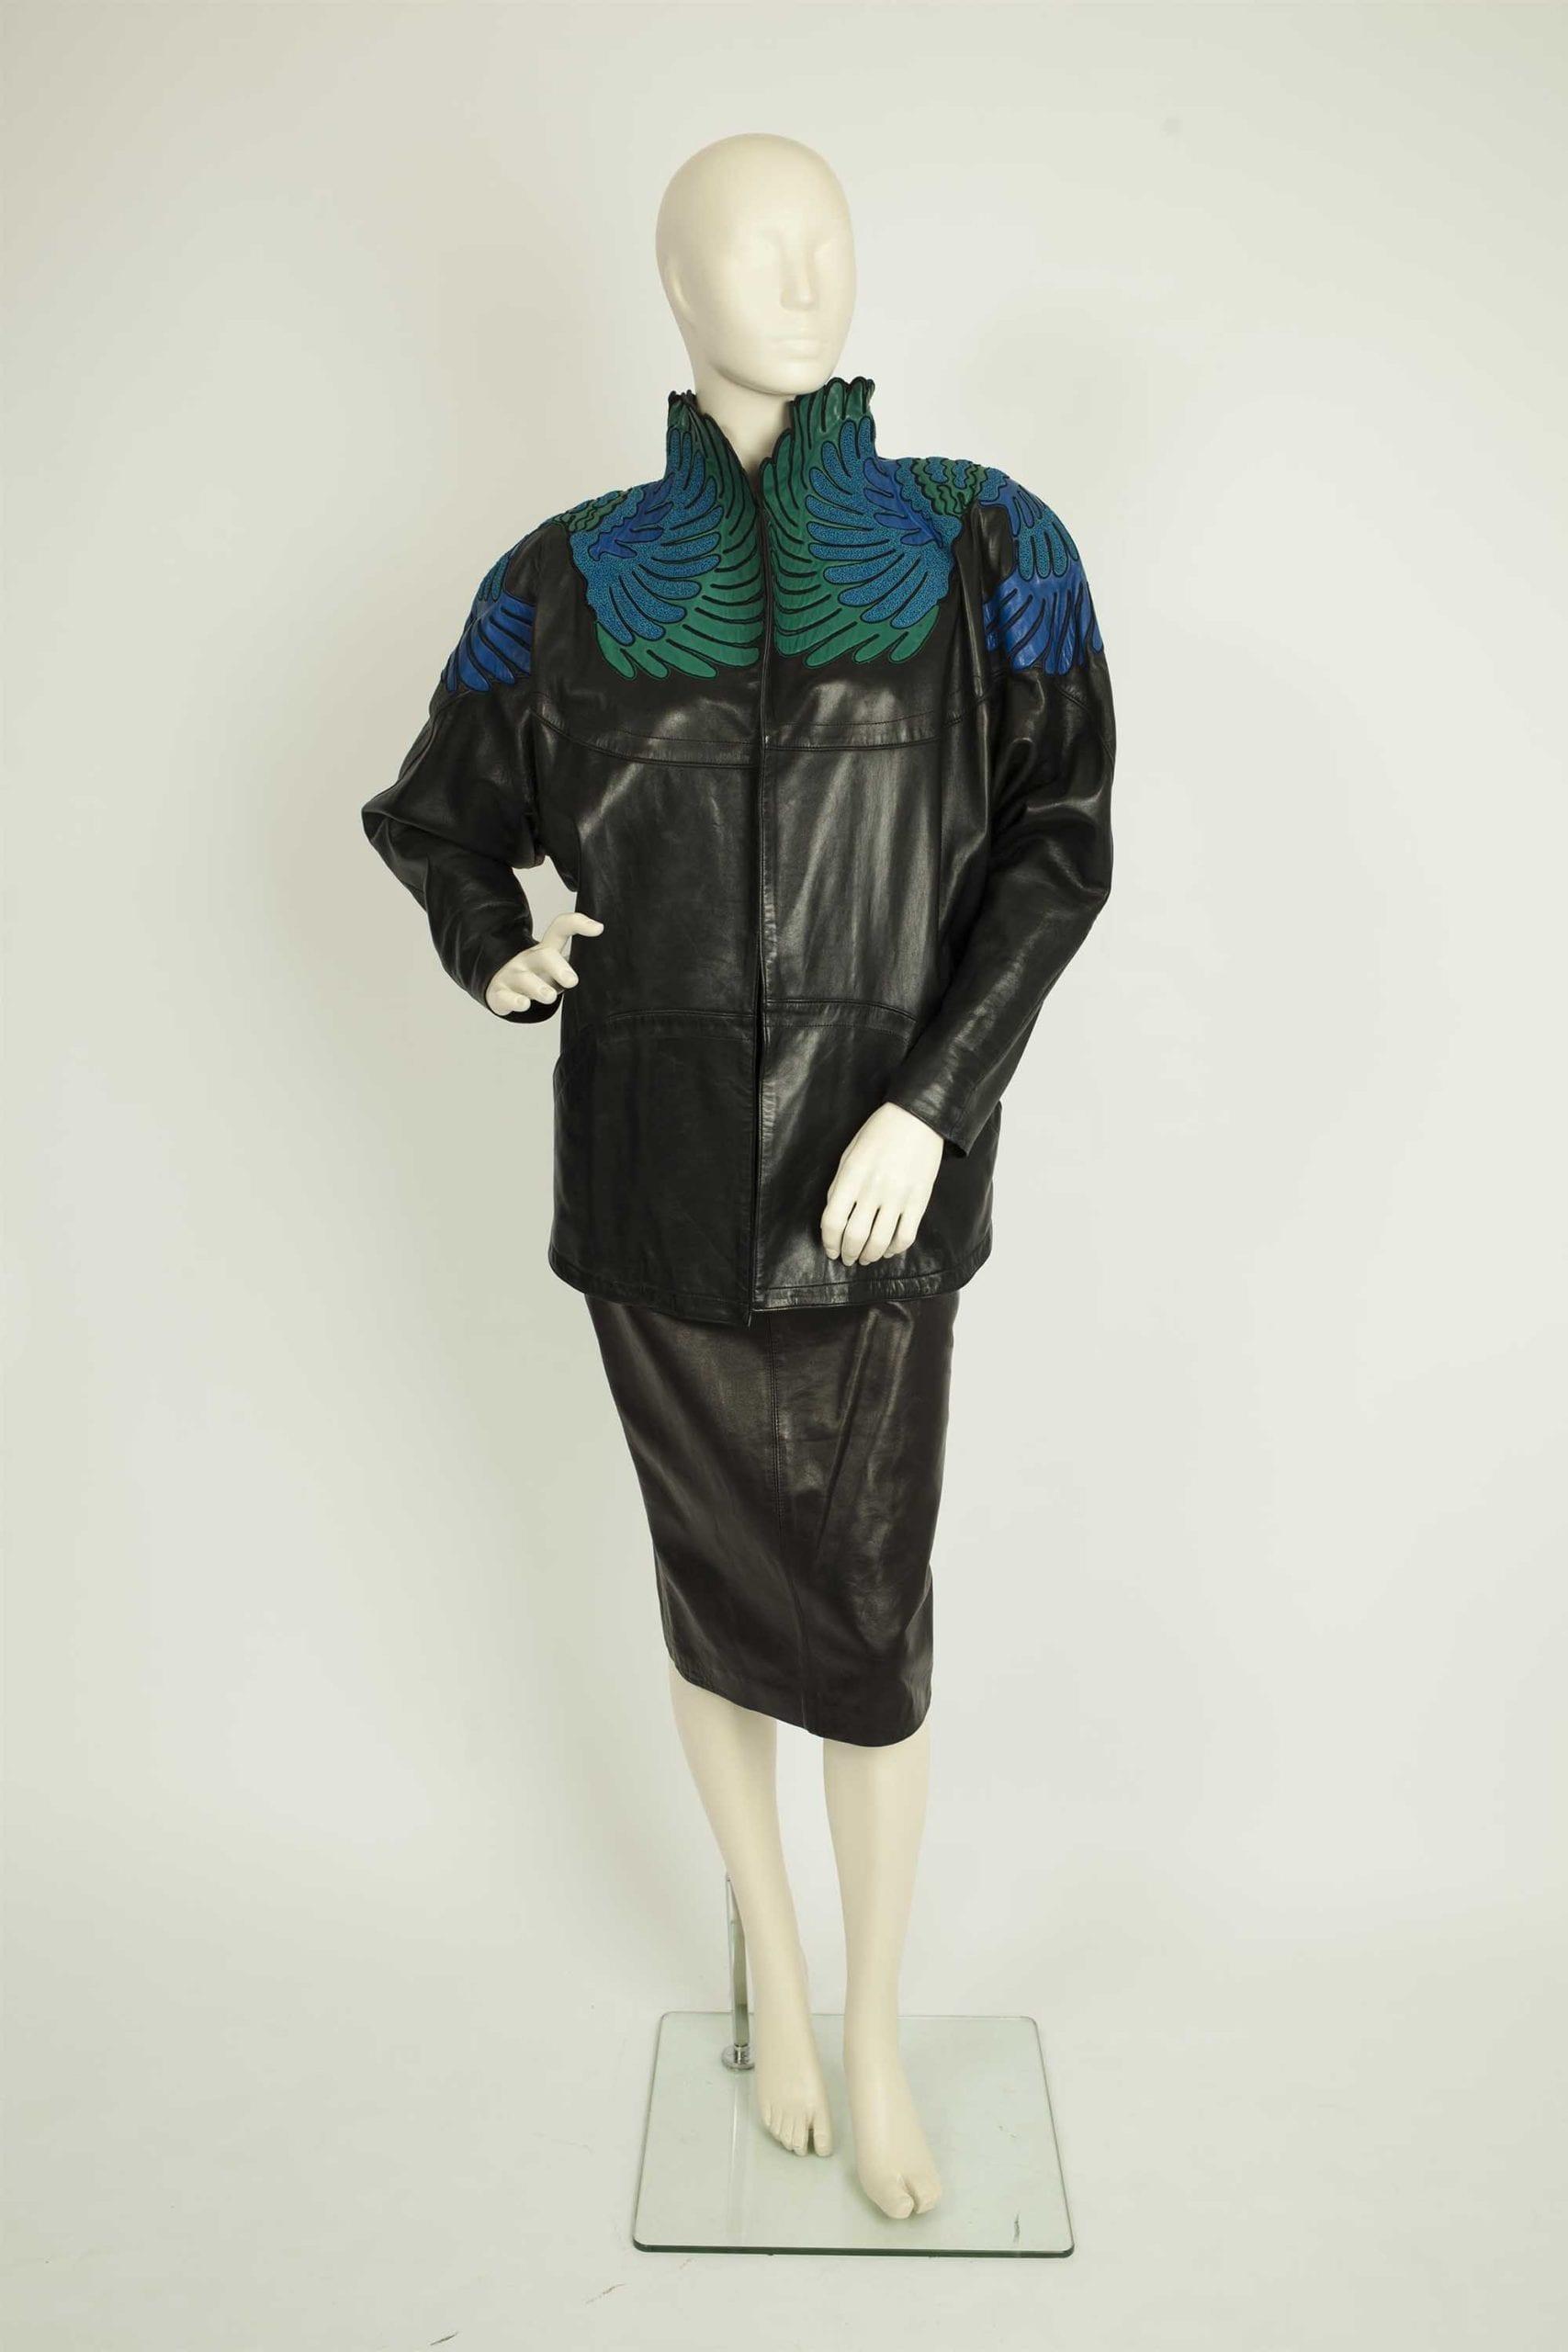 אופנה, חליפת עור ז'אן-קלוד ז'יטרואה לאוסף שנקר צילום לי ברבו